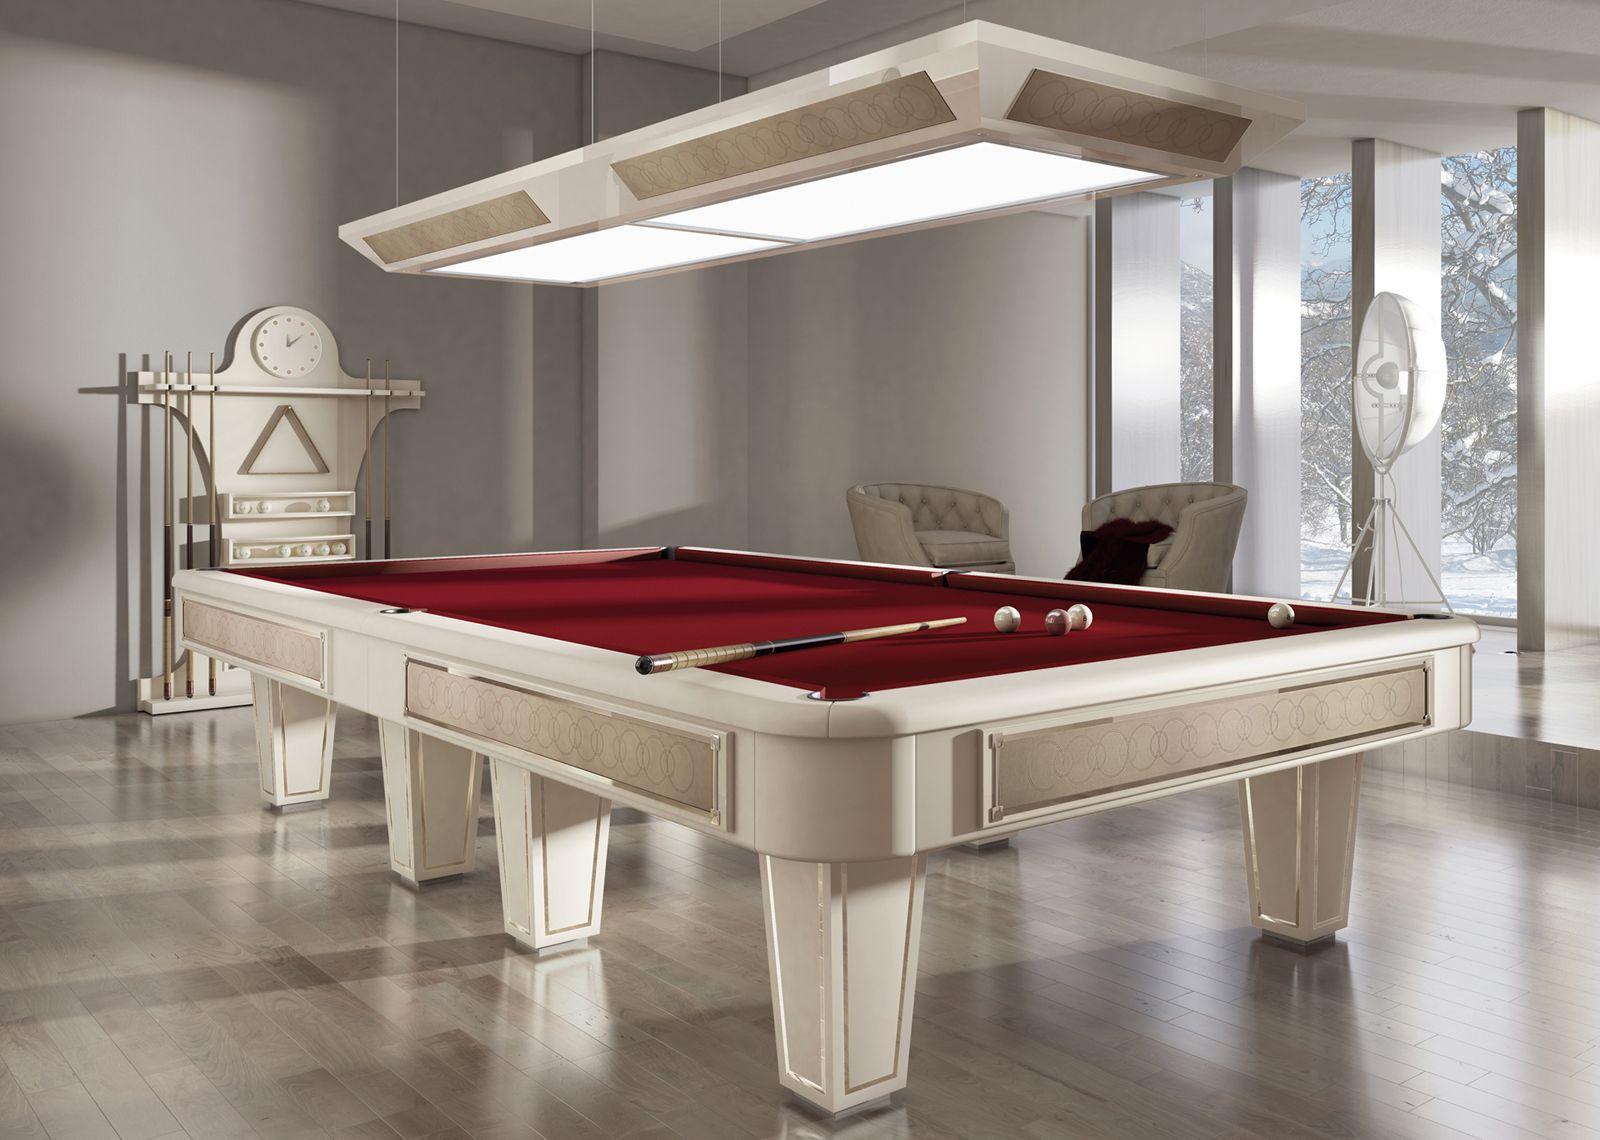 Tavolo Da Biliardo Moderno.Tavoli Da Biliardo Mobili Sala Da Biliardo Tavoli E